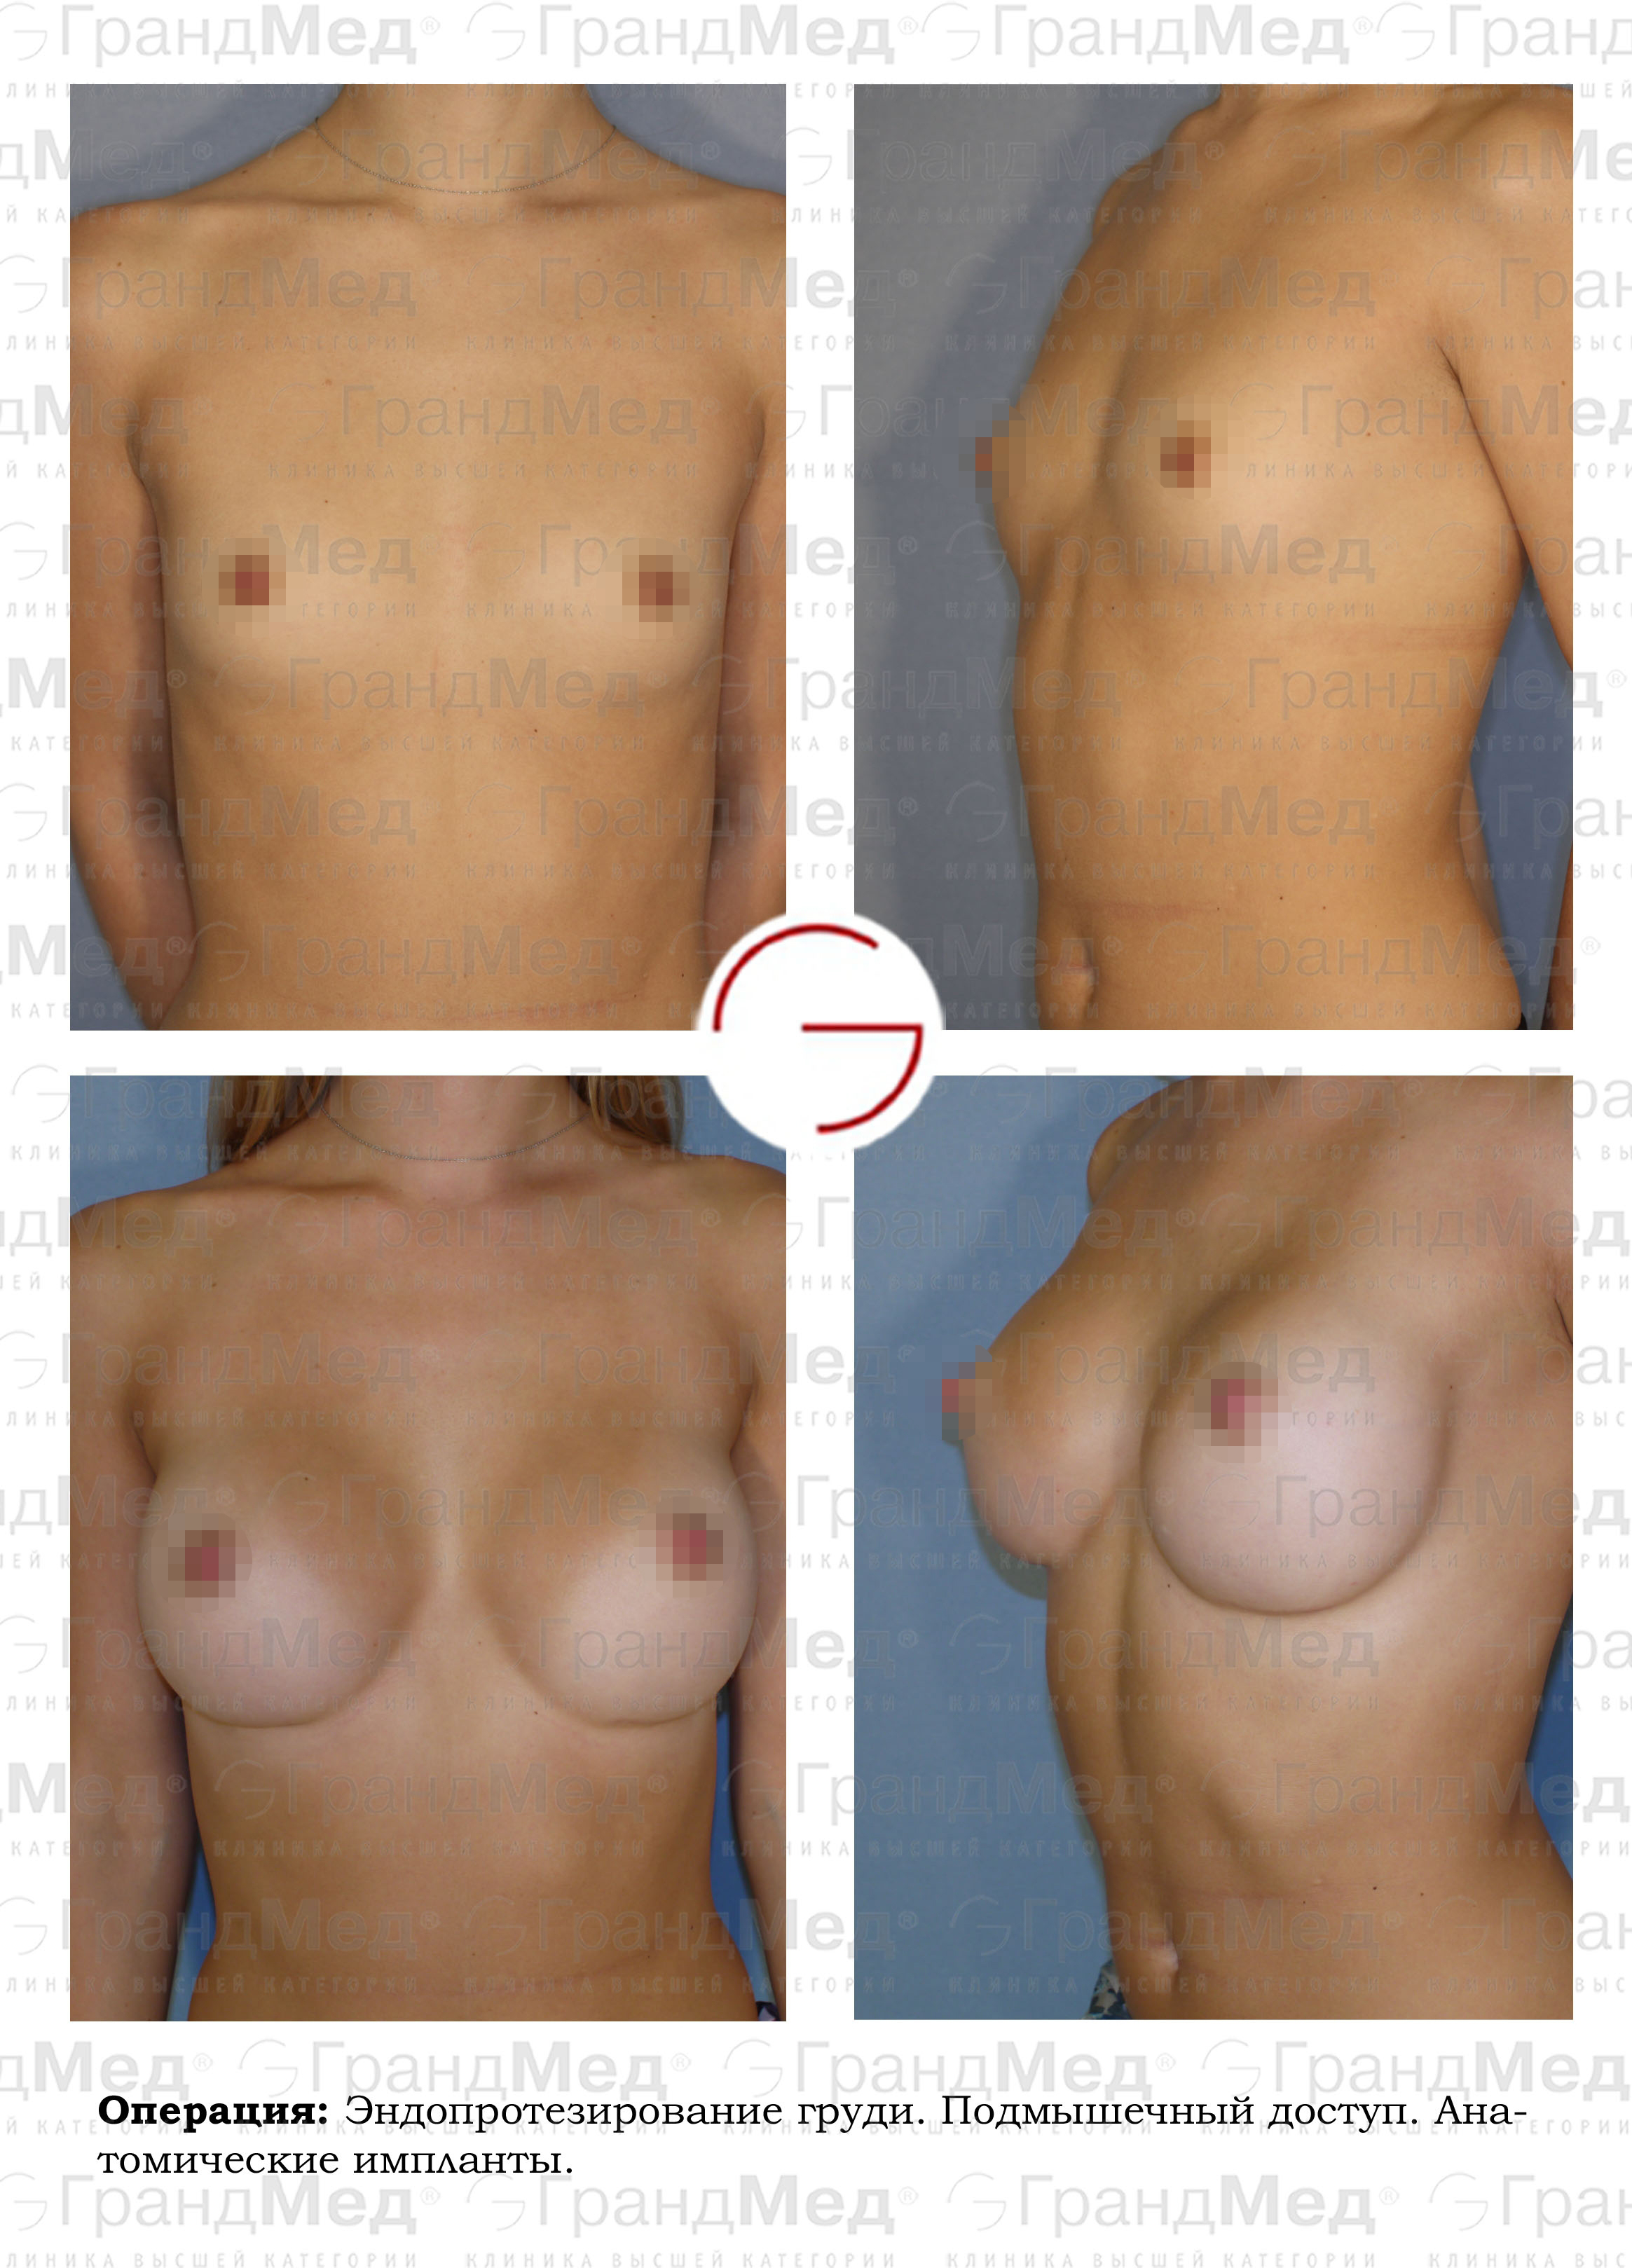 Что надо делать чтоб увеличить грудь